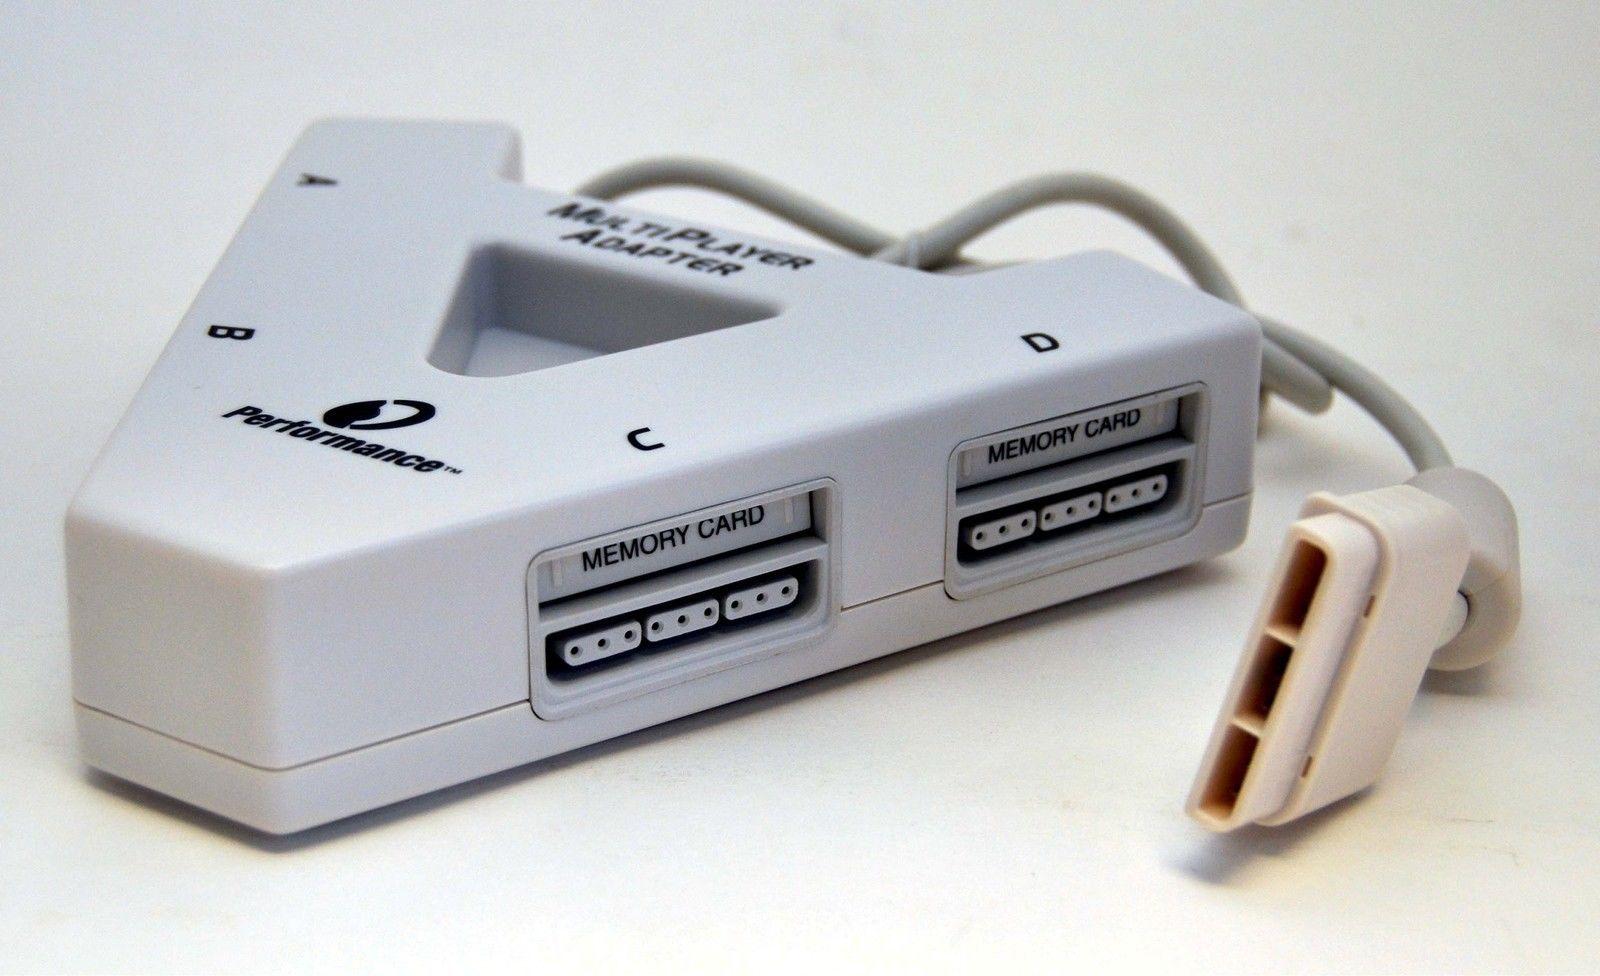 5 Tendencias de generaciones de consolas que cambiaron nuestra forma de ver los videojuegos